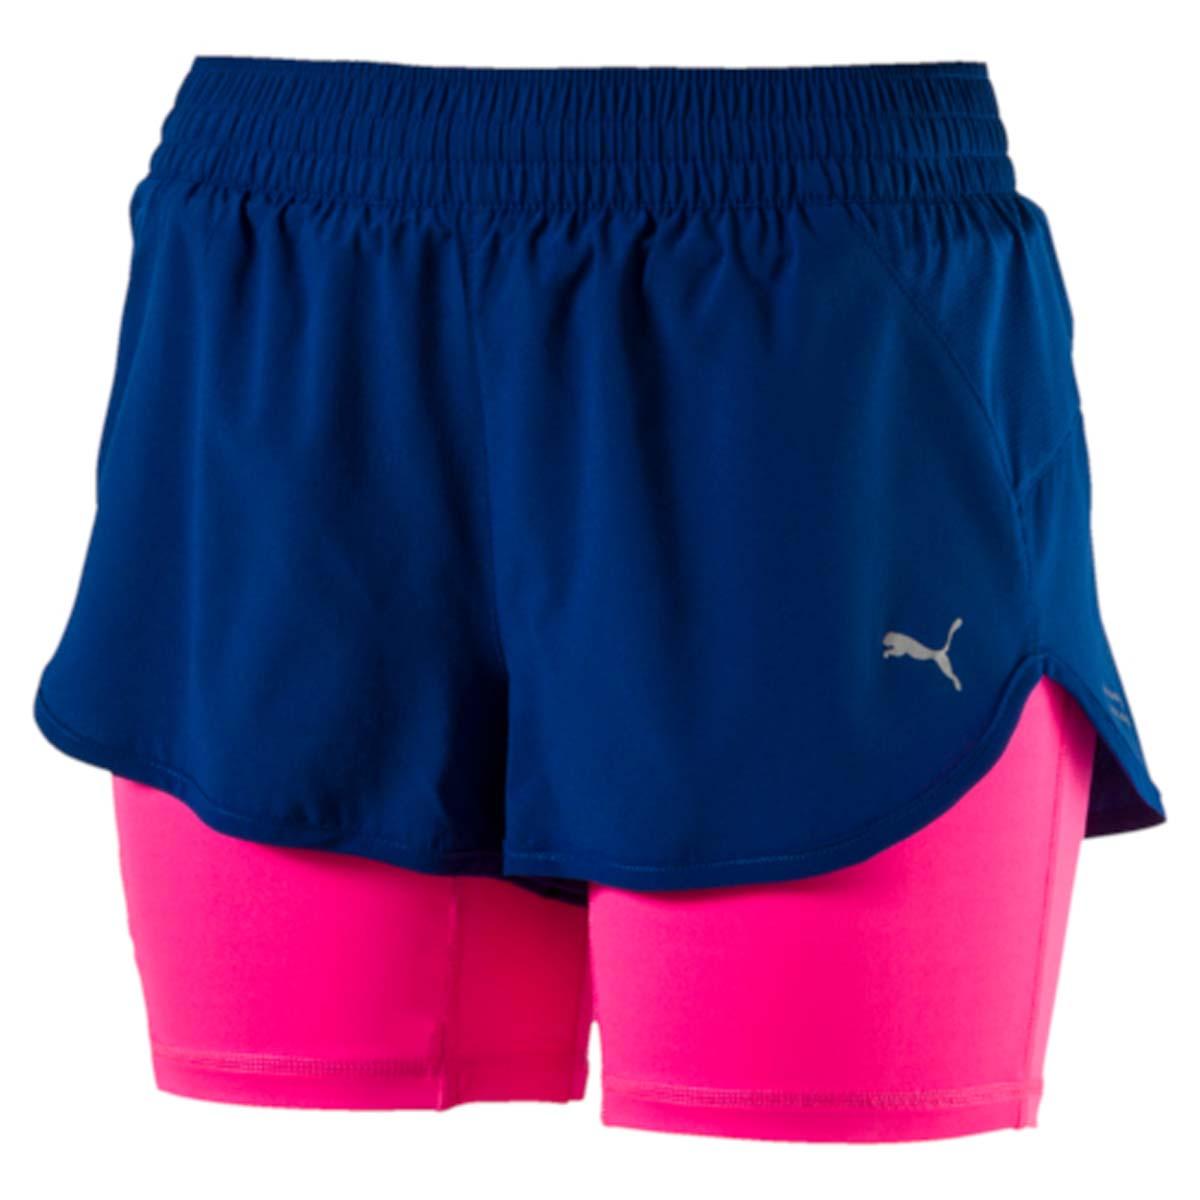 Шорты для бега женские Puma Blast 2in1 3 Short W, цвет: синий, розовый. 51507402. Размер XS (40/42)51507402Эти оригинальные тренировочные шорты 2 в 1 изготовлены с использованием высокофункциональной технологии dryCELL, которая отводит влагу, поддерживает тело сухим и гарантирует комфорт во время активных тренировок и занятий спортом. Внешние шорты из эластичной, хорошо растягивающейся ткани обеспечивают полную свободу движений, в то время как внутренние шорты выполнены из компрессионного, поддерживающего мышцы материала. Также шорты имеют вставки из сетчатого материала во избежание перегрева и декорированы логотипом и другими деталями из светоотражающего материала для обеспечения вашей безопасности в темное время суток. Ткань изделия обработана уникальной органической пропиткой Cleansport NXT, гарантирующей только приятные запахи. Карман сзади снабжен застежкой-молнией и водонепроницаемой подкладкой для надежного хранения ваших вещей. Кроме того, имеется вместительный боковой карман изменяемого объема для мобильного телефона. Пояс из эластичного материала с кулиской снабжен затягивающимся шнуром для лучшей посадки по фигуре.